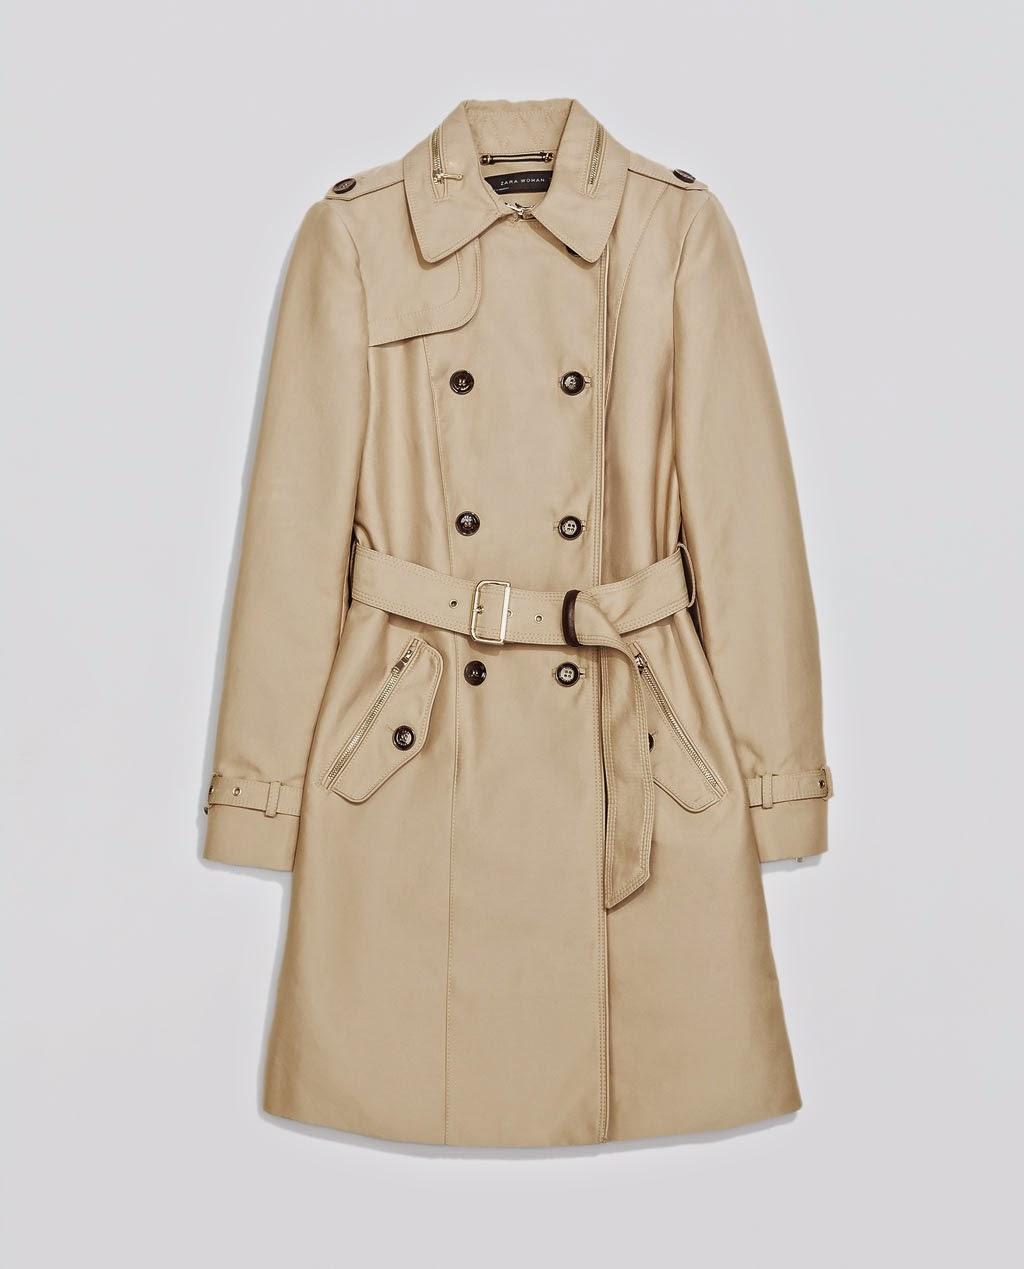 http://www.zara.com/uk/en/woman/outerwear/double-breasted-trench-coat-c269183p1983522.html